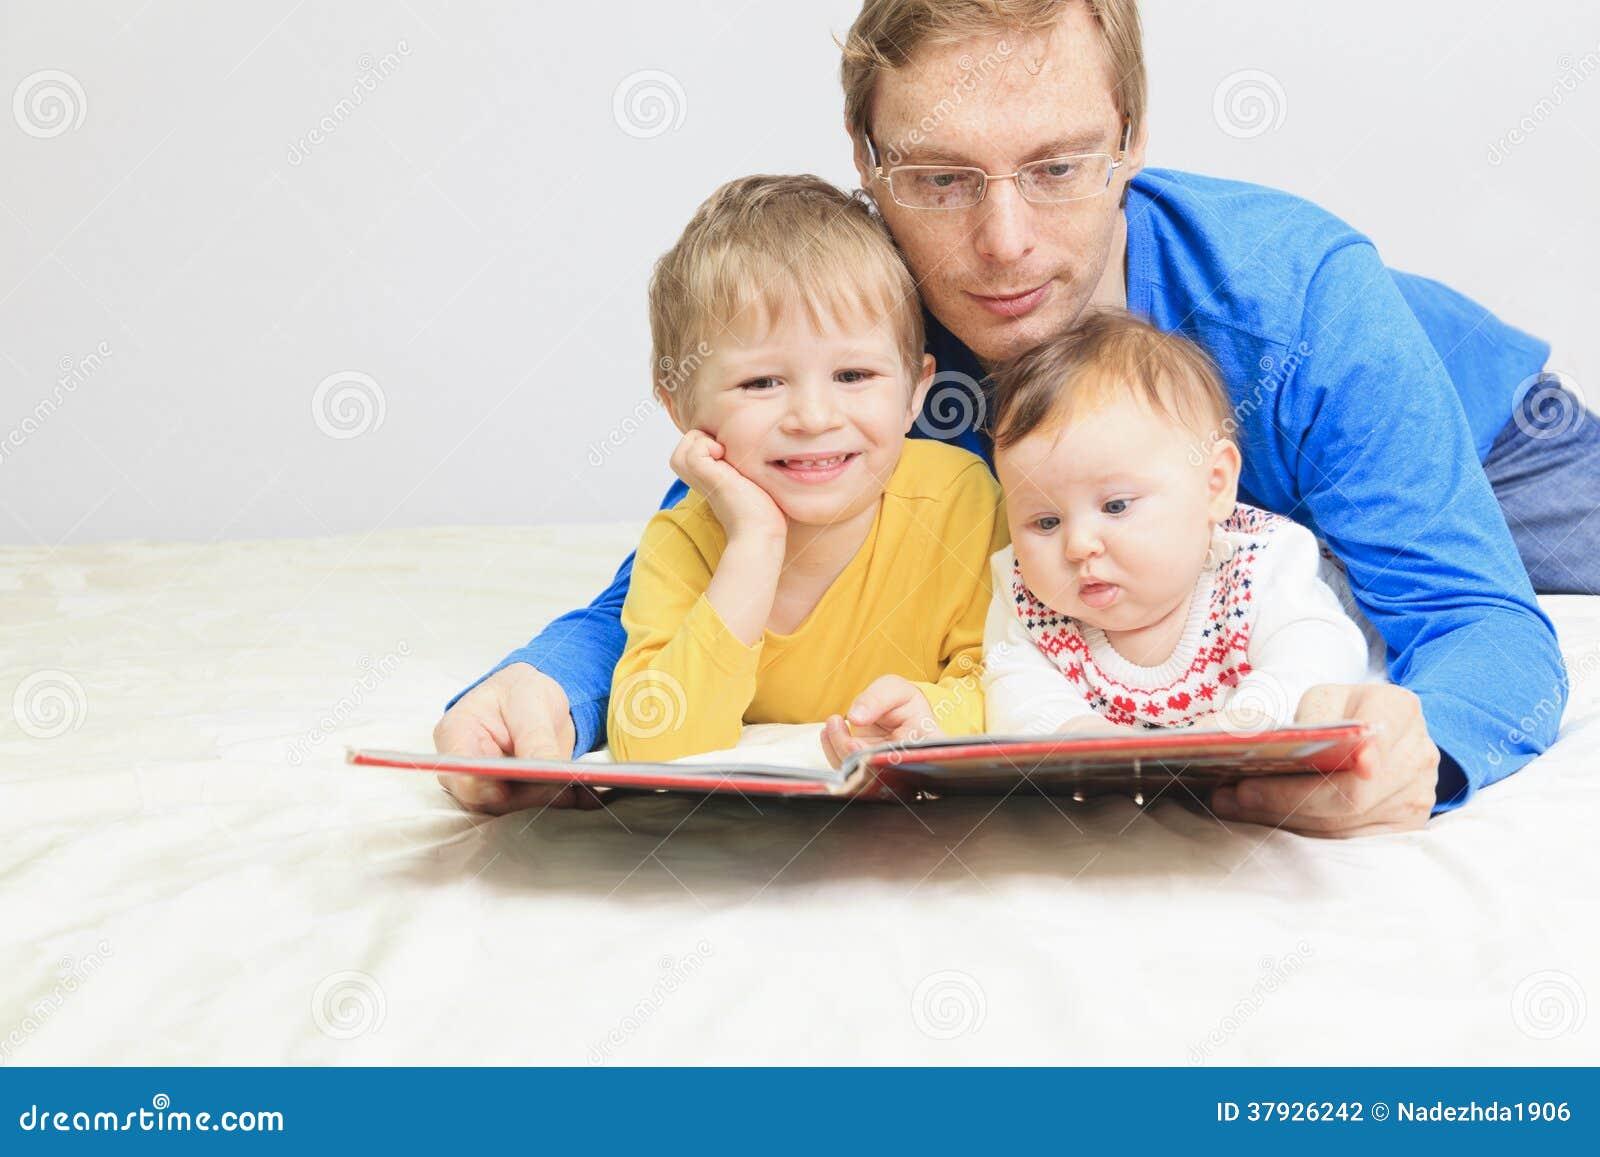 Будьте отцом и книга чтения 2 детей в кровати